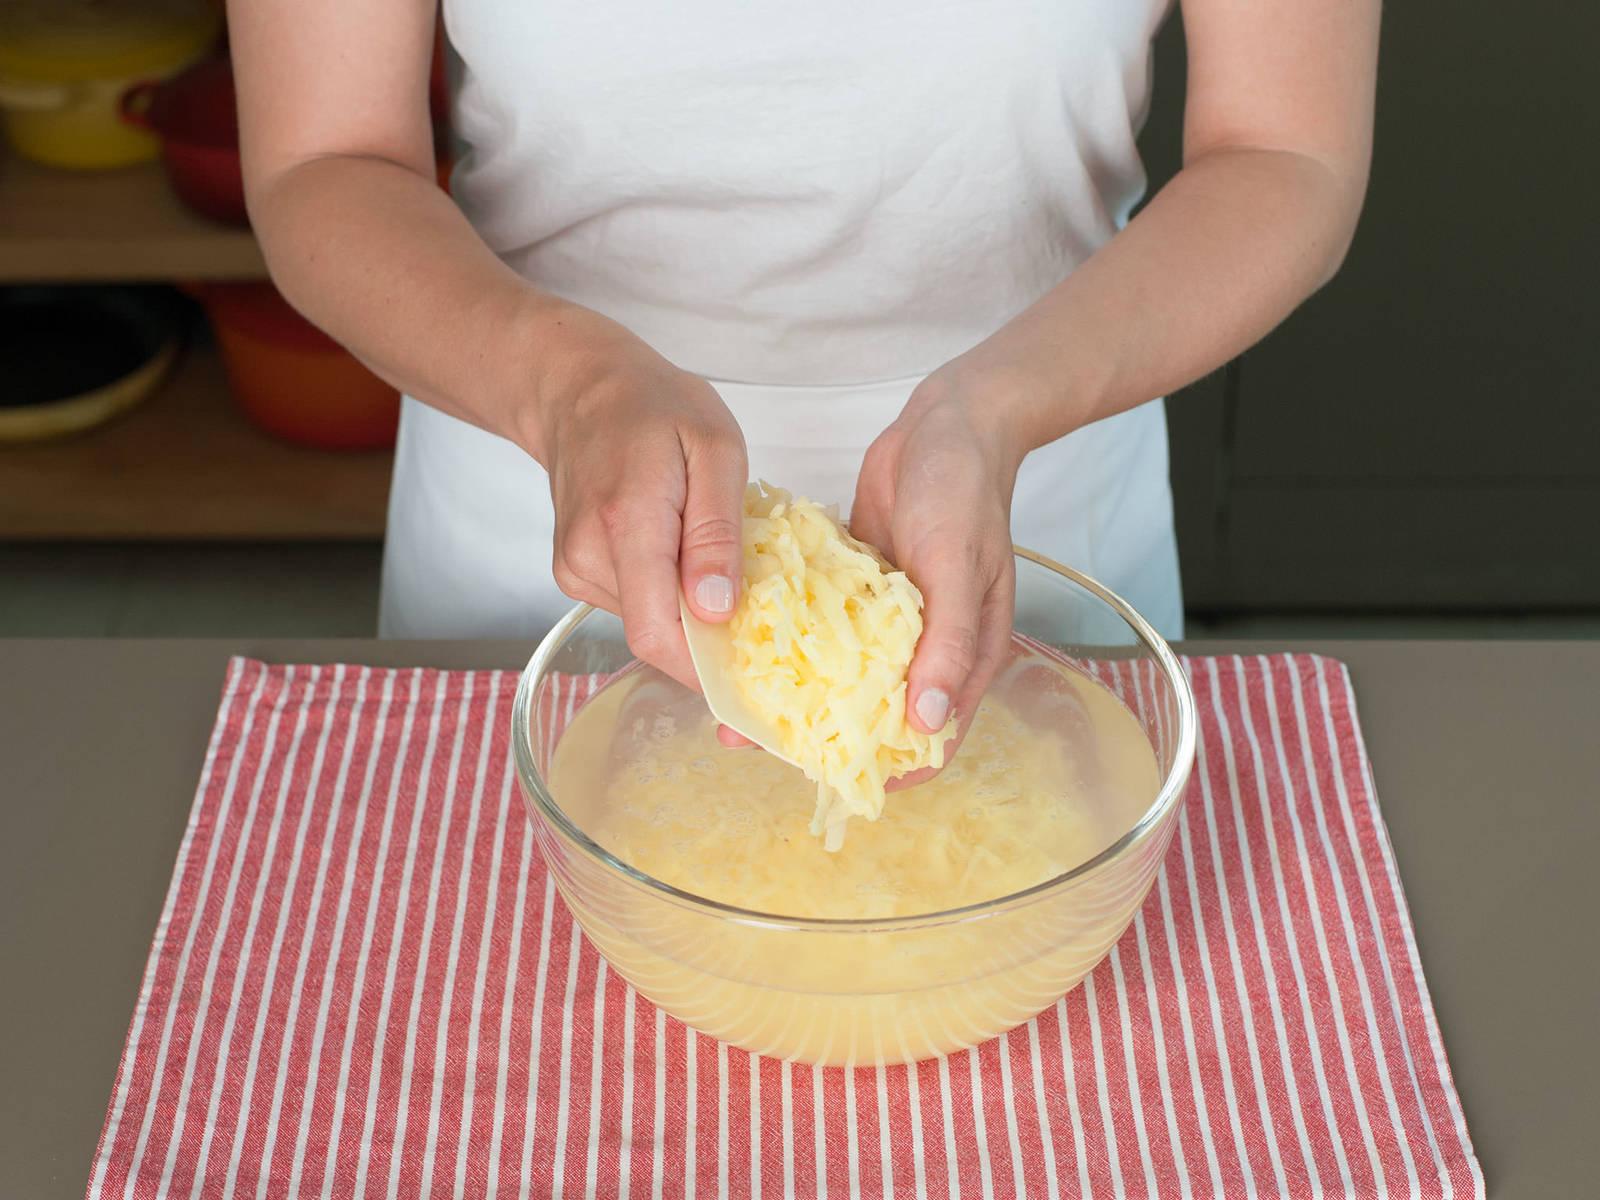 Eine große Schüssel mit kaltem Wasser füllen und die Kartoffelraspeln dazugeben. Sobald das Wasser komplett milchig ist, Wasser abgießen und die Kartoffelraspeln unter kaltem Wasser abspülen. Anschließend in ein Küchenhandtuch geben und über der Spüle so viel Wasser wie möglich auswringen. Kartoffelraspeln zurück in die Schüssel geben, kurz auflockern, und erneut im Küchenhandtuch auswringen.